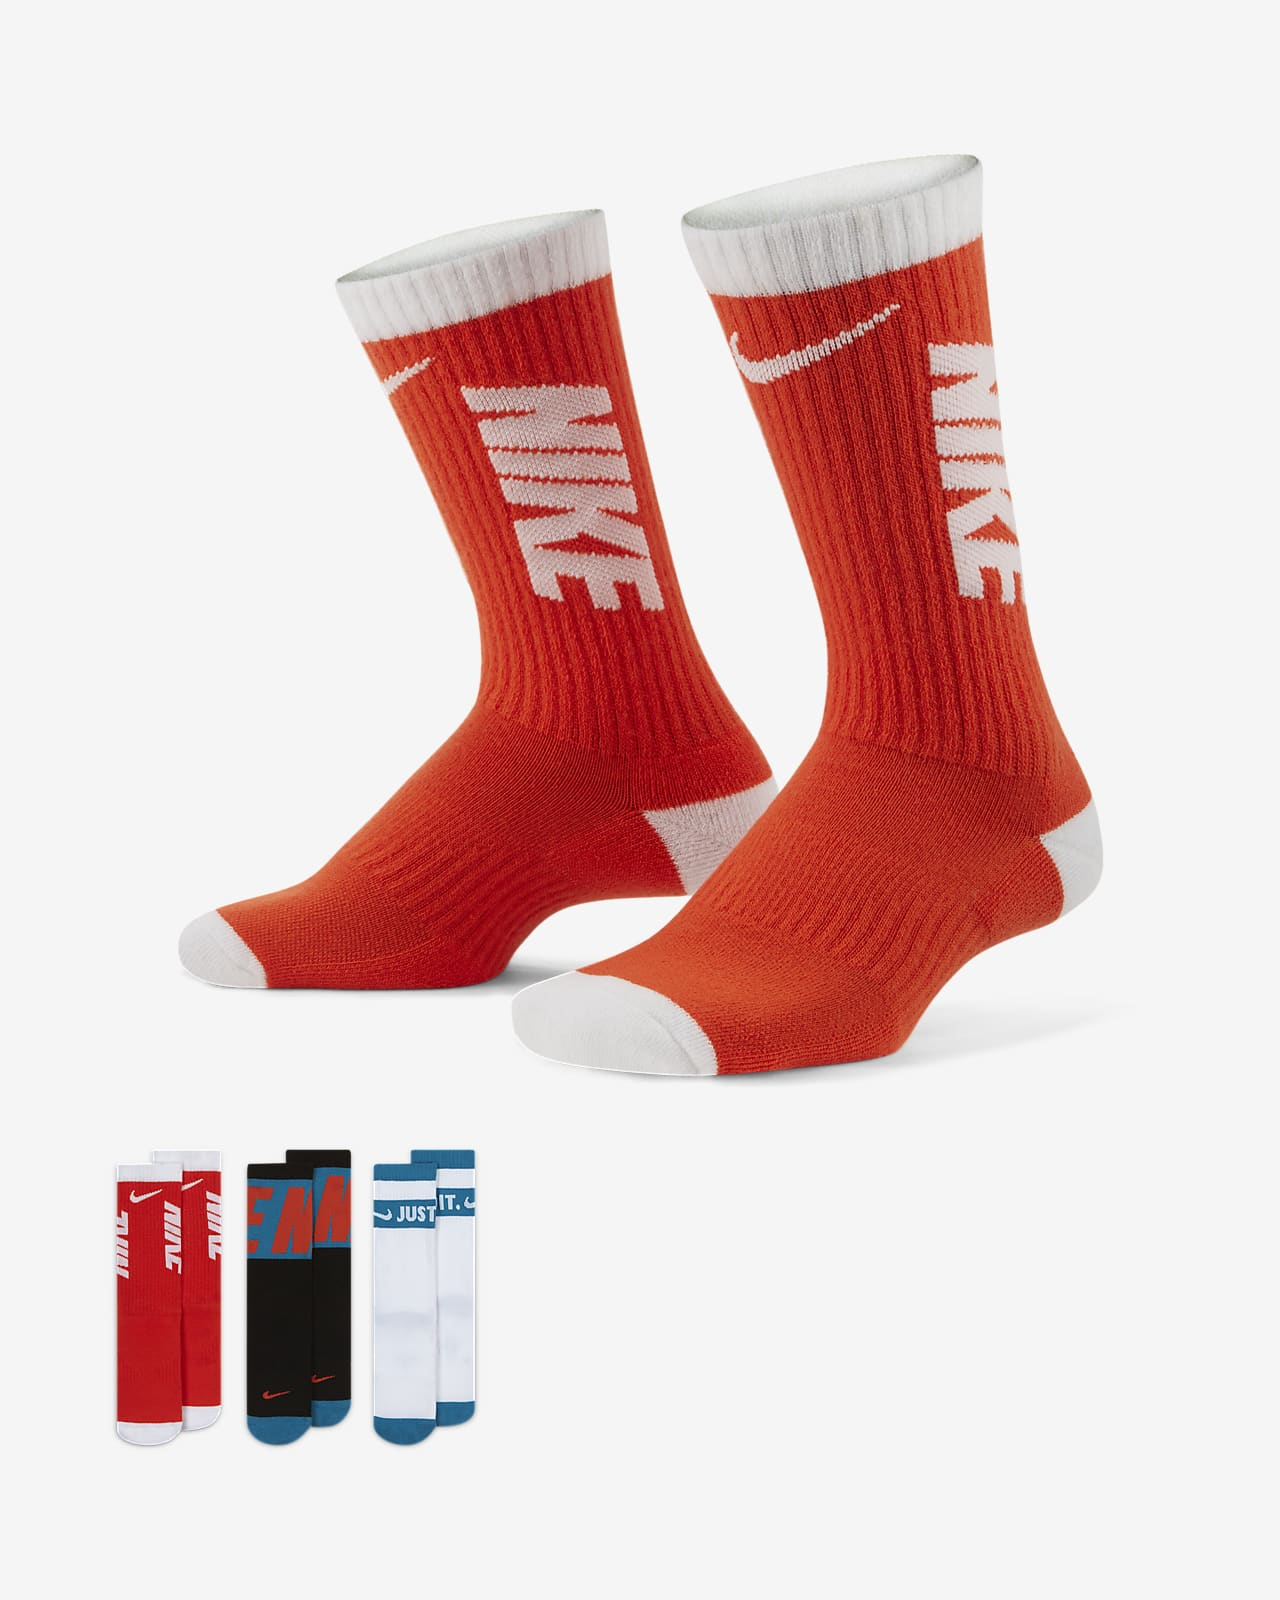 Calcetines deportivos con amortiguación para niños Nike Everyday (3 pares)